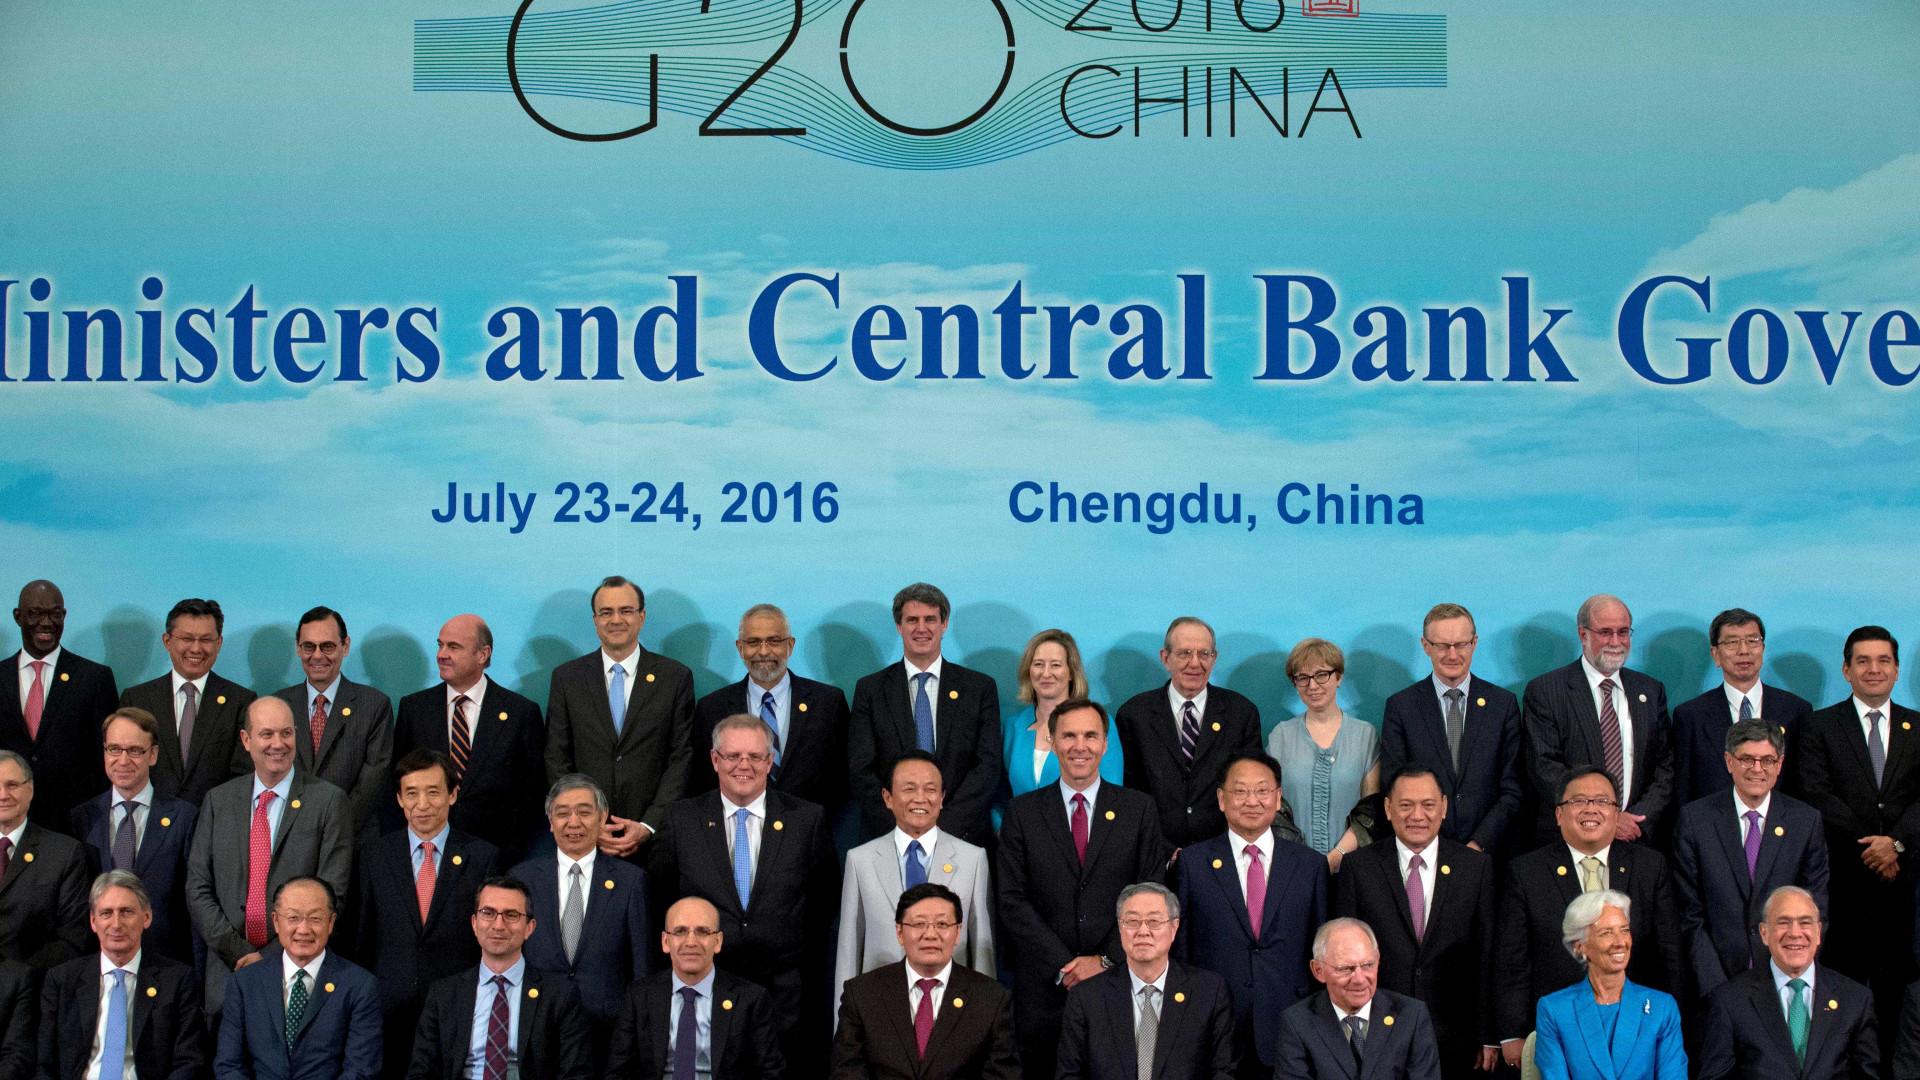 Trocas comerciais no G20 estagnaram após recuperação incipiente